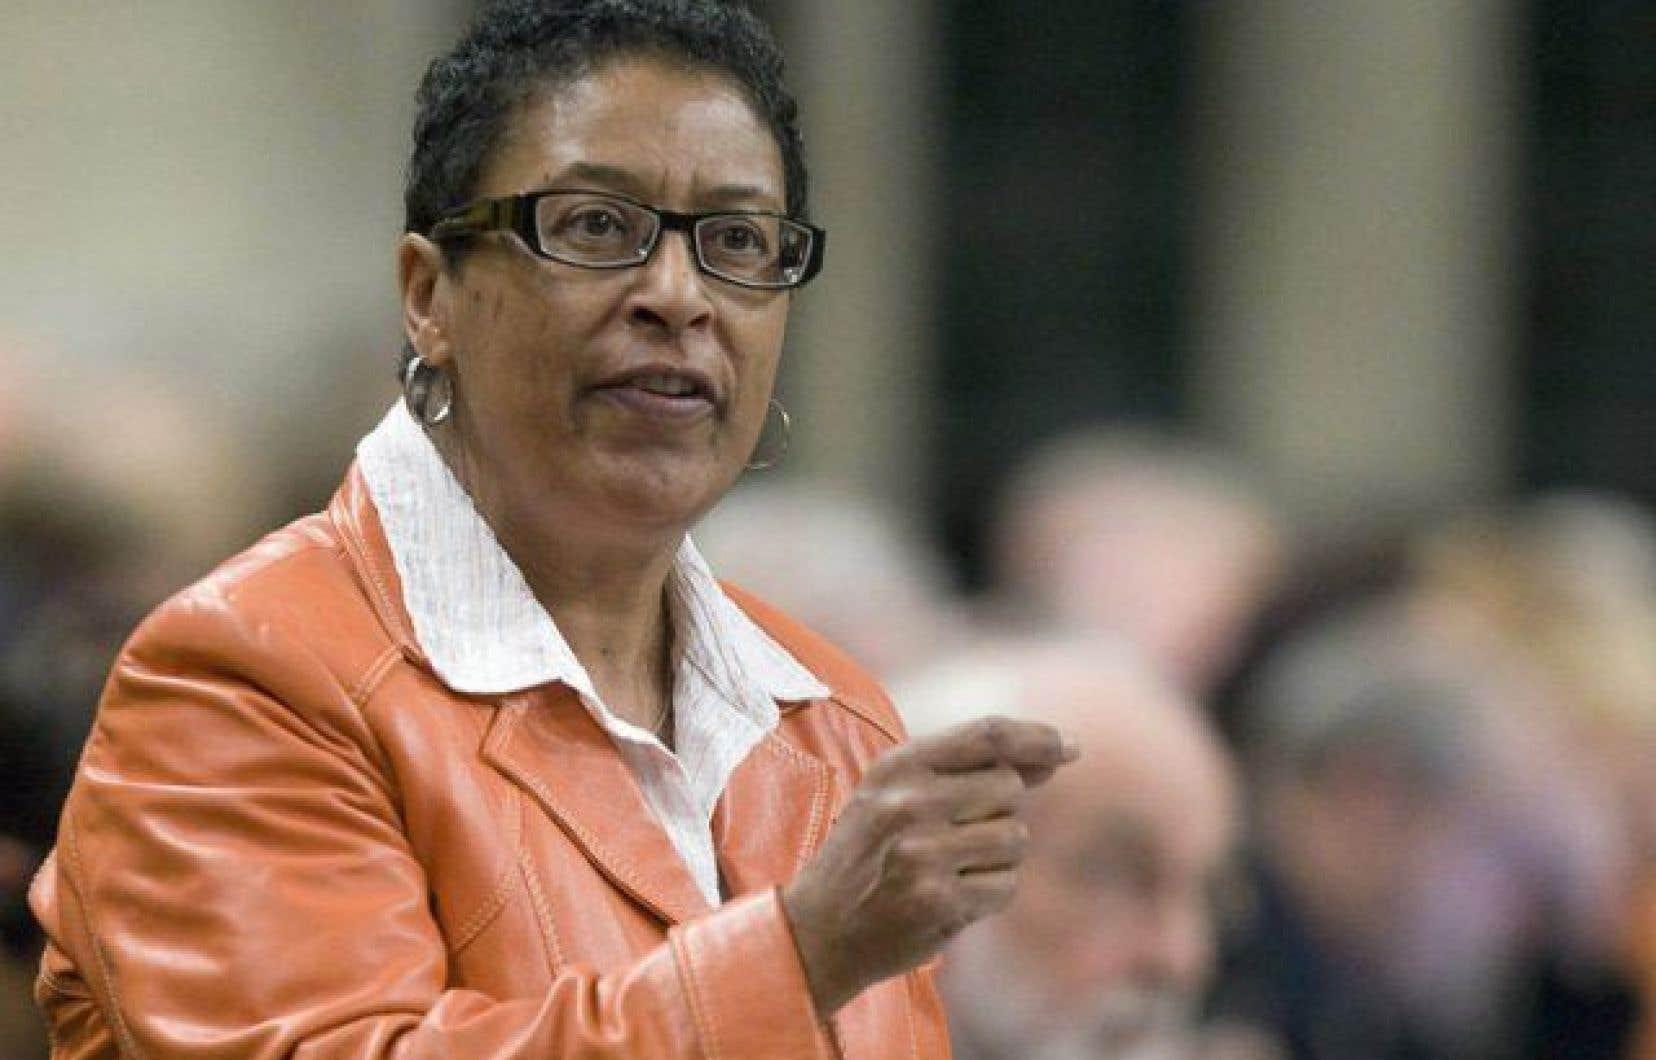 Le comité de citoyens est coprésidé par Marlene Jennings, une ancienne députée fédérale libérale et Beryl Wajsman, le rédacteur en chef du journal hebdomadaire The Suburban.